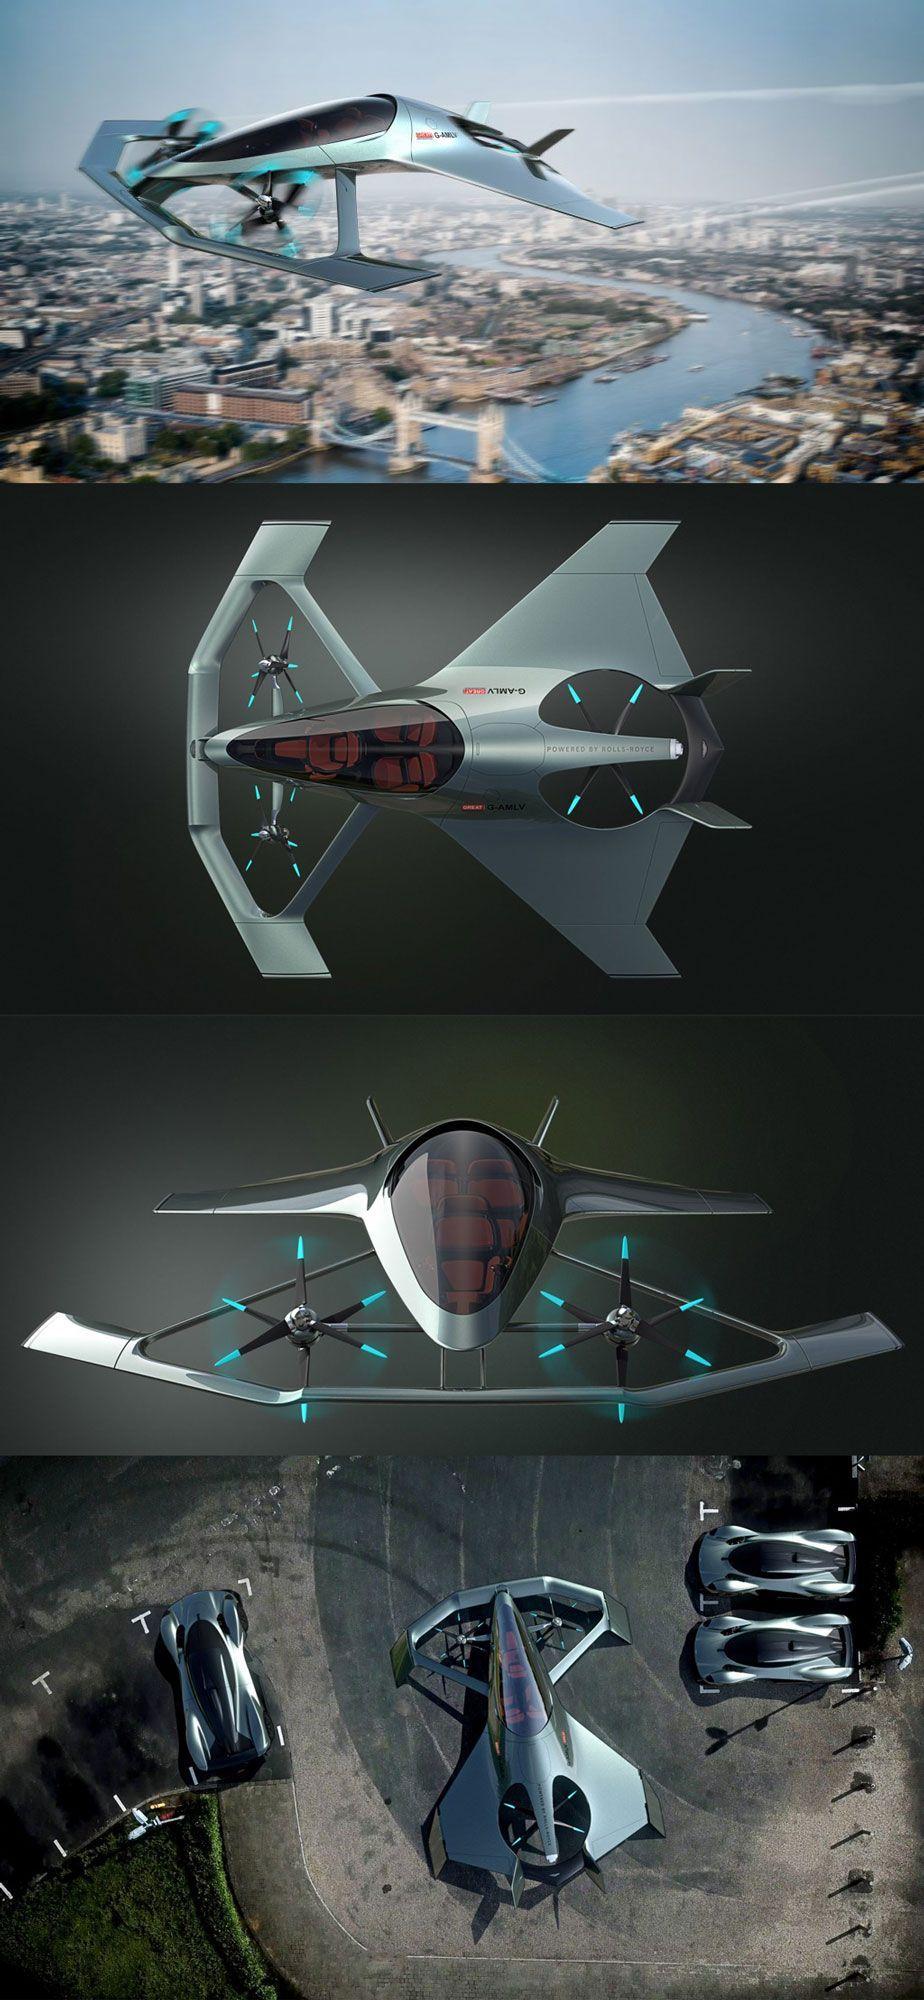 Aston Martin Volante Vision Concept Aircraft Designideas Designinspiration Design Productdesign De Aston Martin Volante Aston Martin Aircraft Design